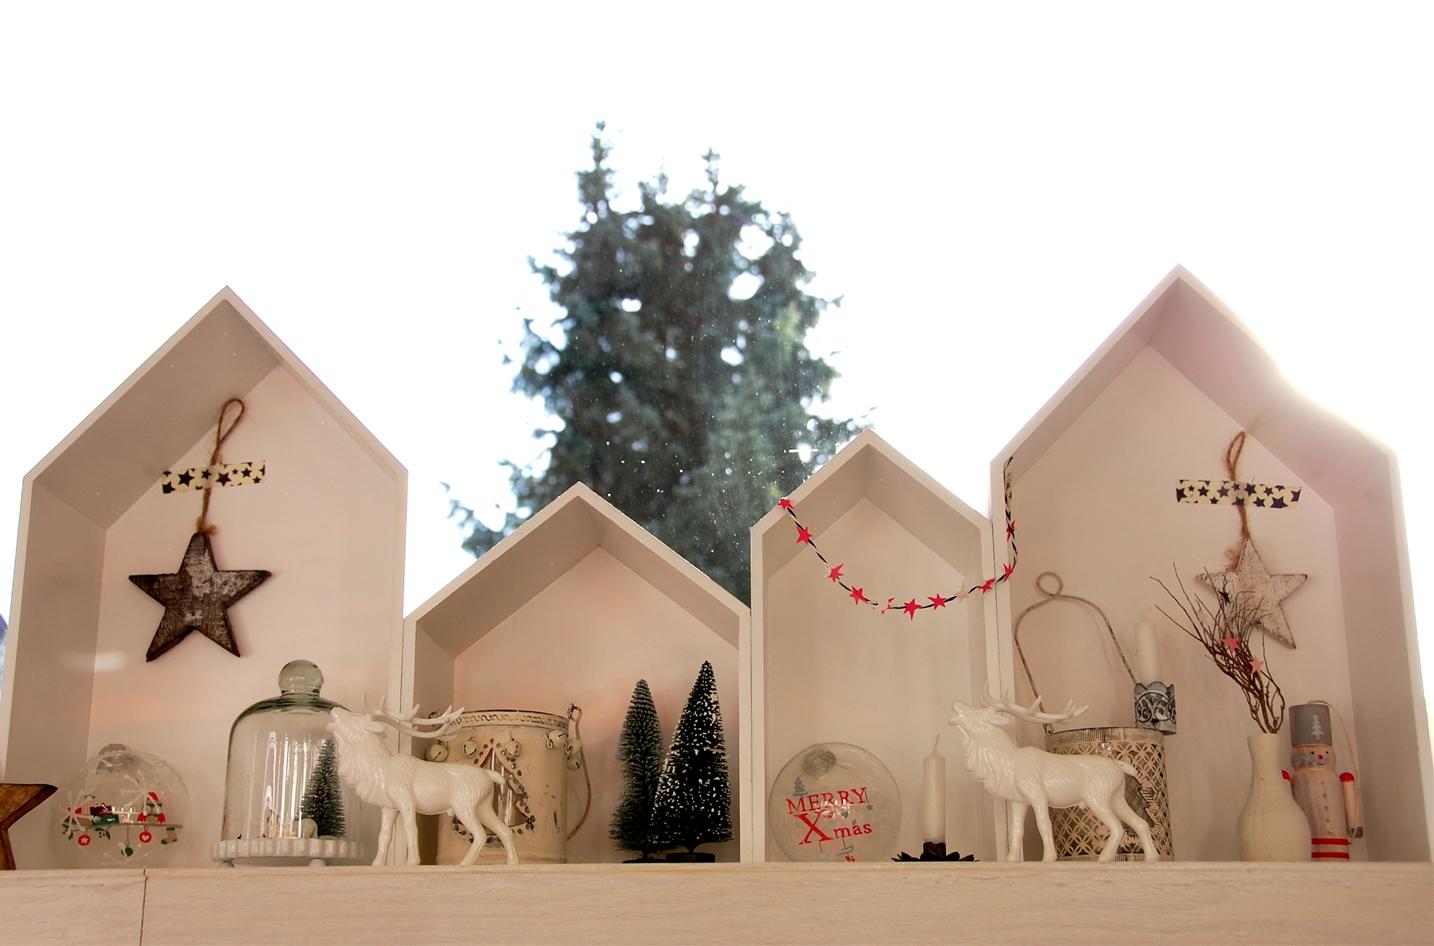 fensterdeko zu weihnachten roomilicious. Black Bedroom Furniture Sets. Home Design Ideas